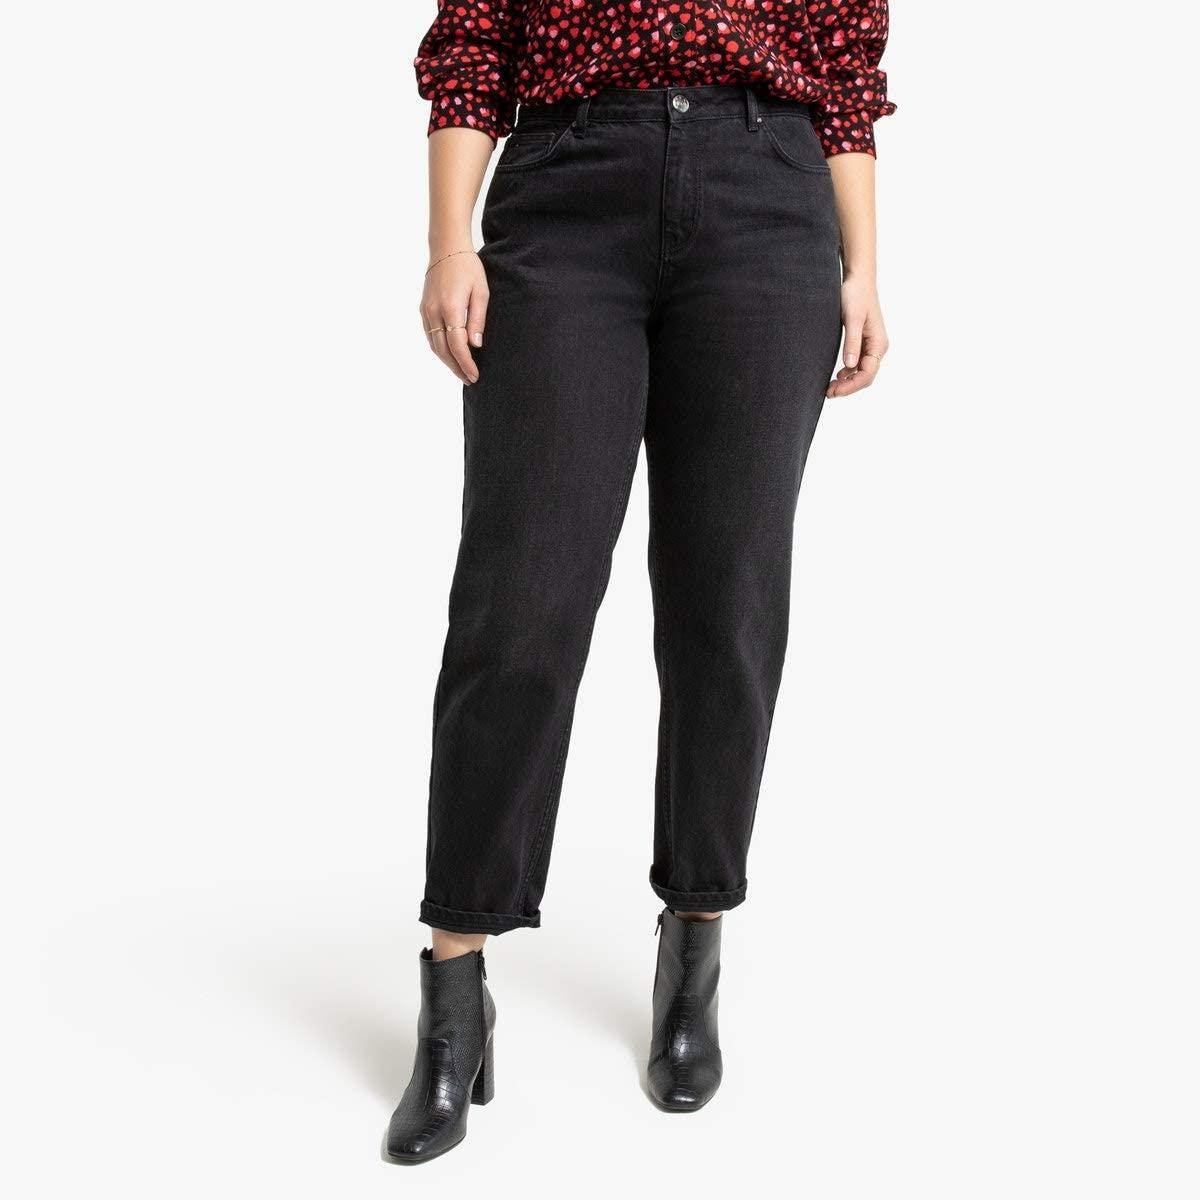 La Redoute Collection Plus Womens Boyfriend Jeans, Length 27.5